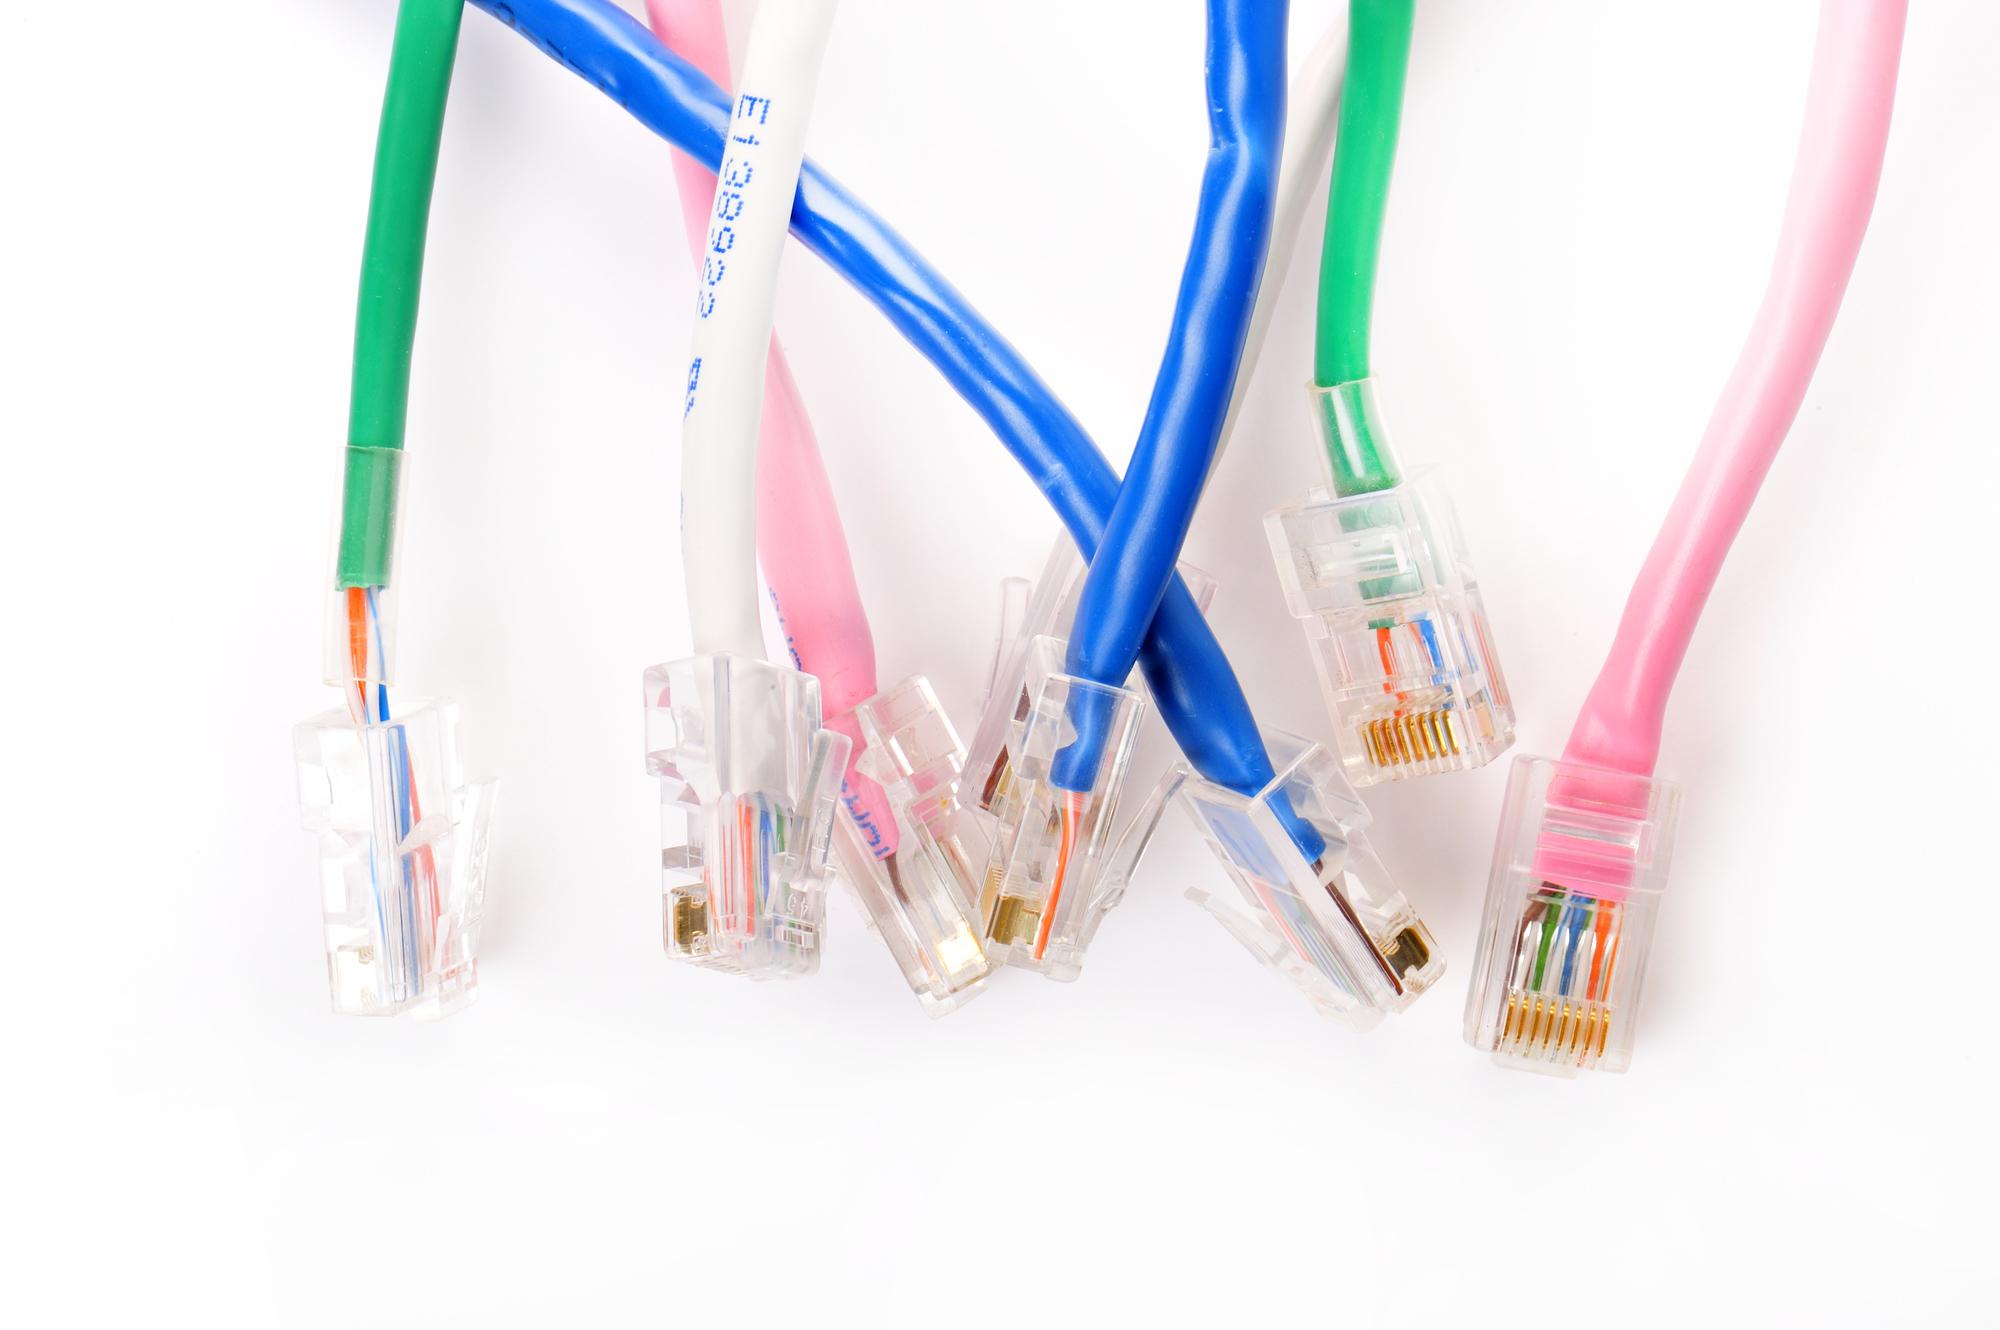 【IPv6で速度アップ】IPoE方式とは何か。IPoEとPPPoEの違いも解説のアイキャッチイメージ